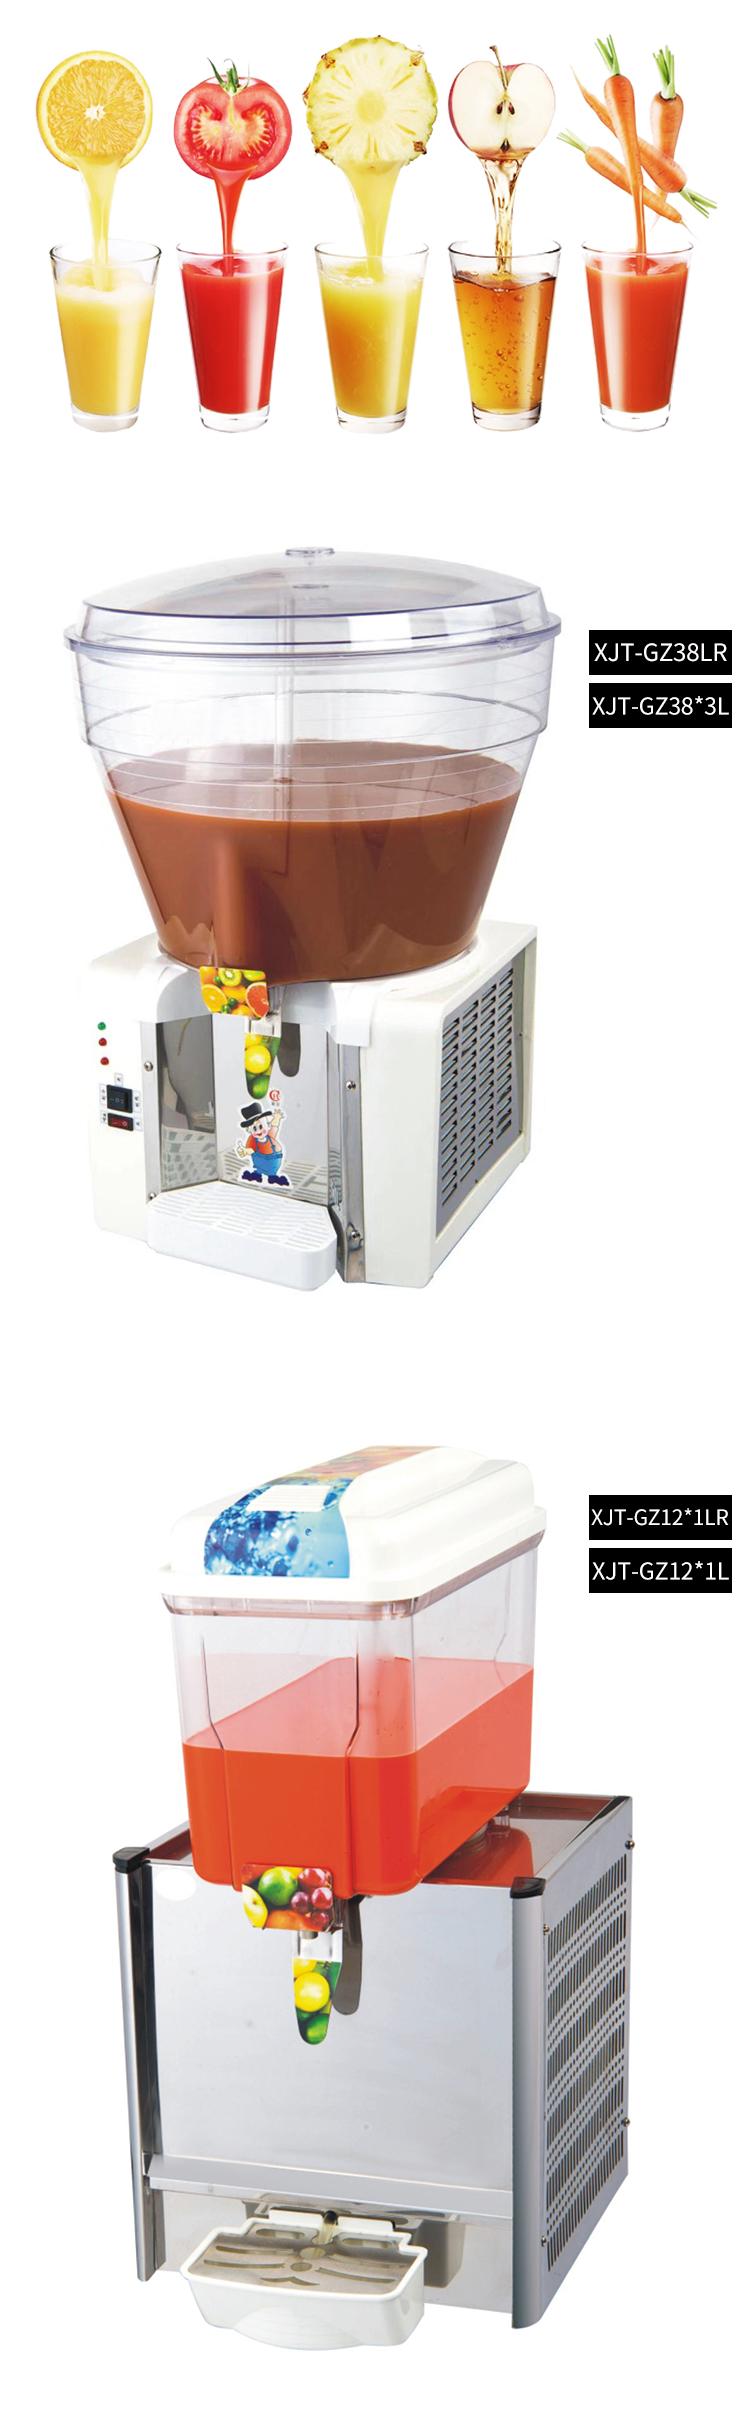 12升多功能果汁机